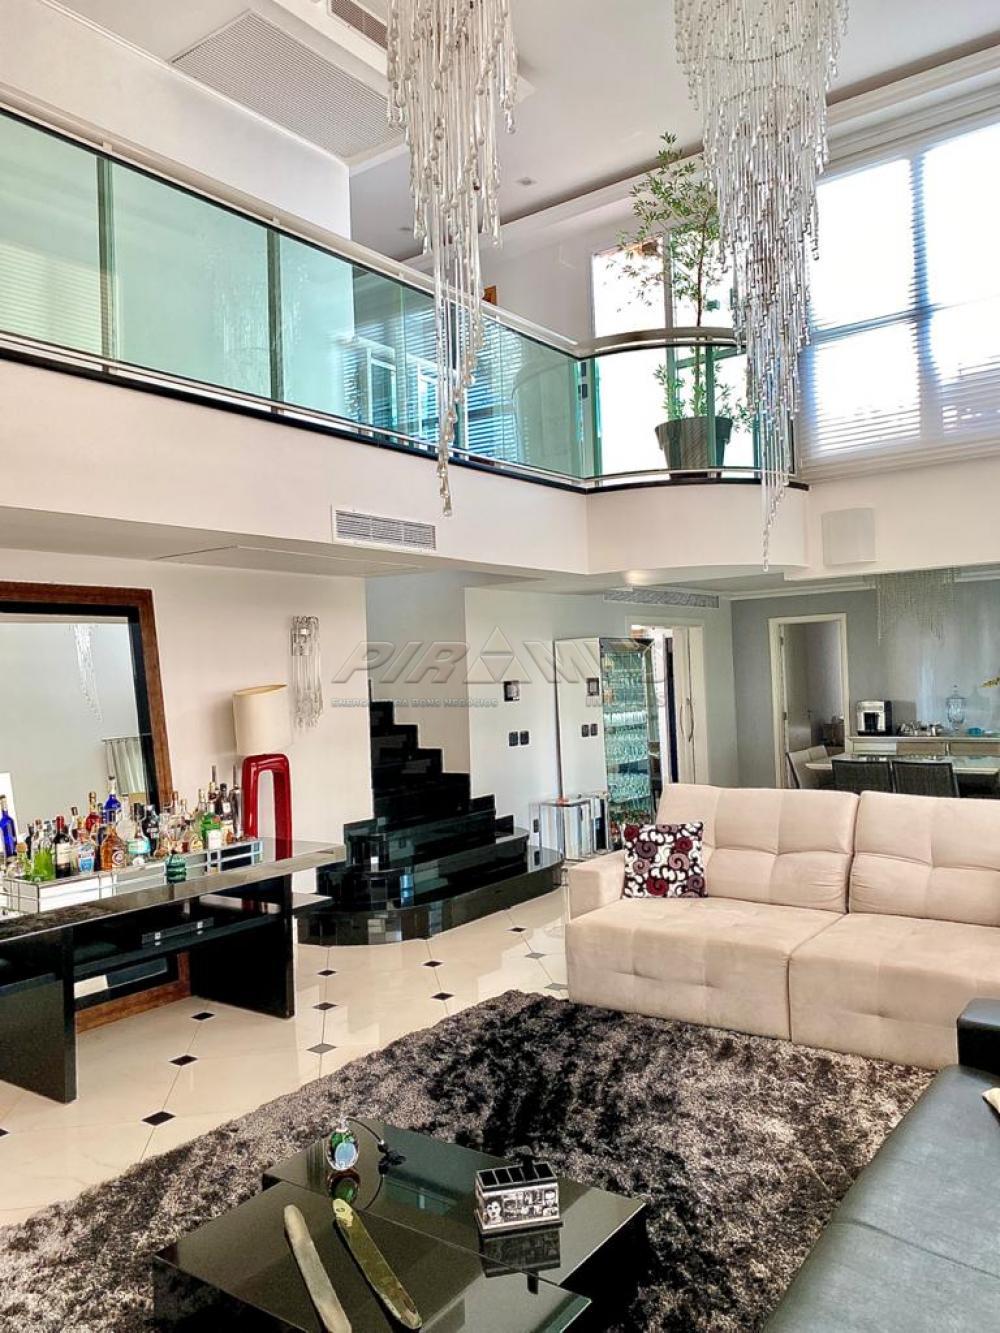 Comprar Apartamento / Cobertura em Ribeirão Preto apenas R$ 2.300.000,00 - Foto 1